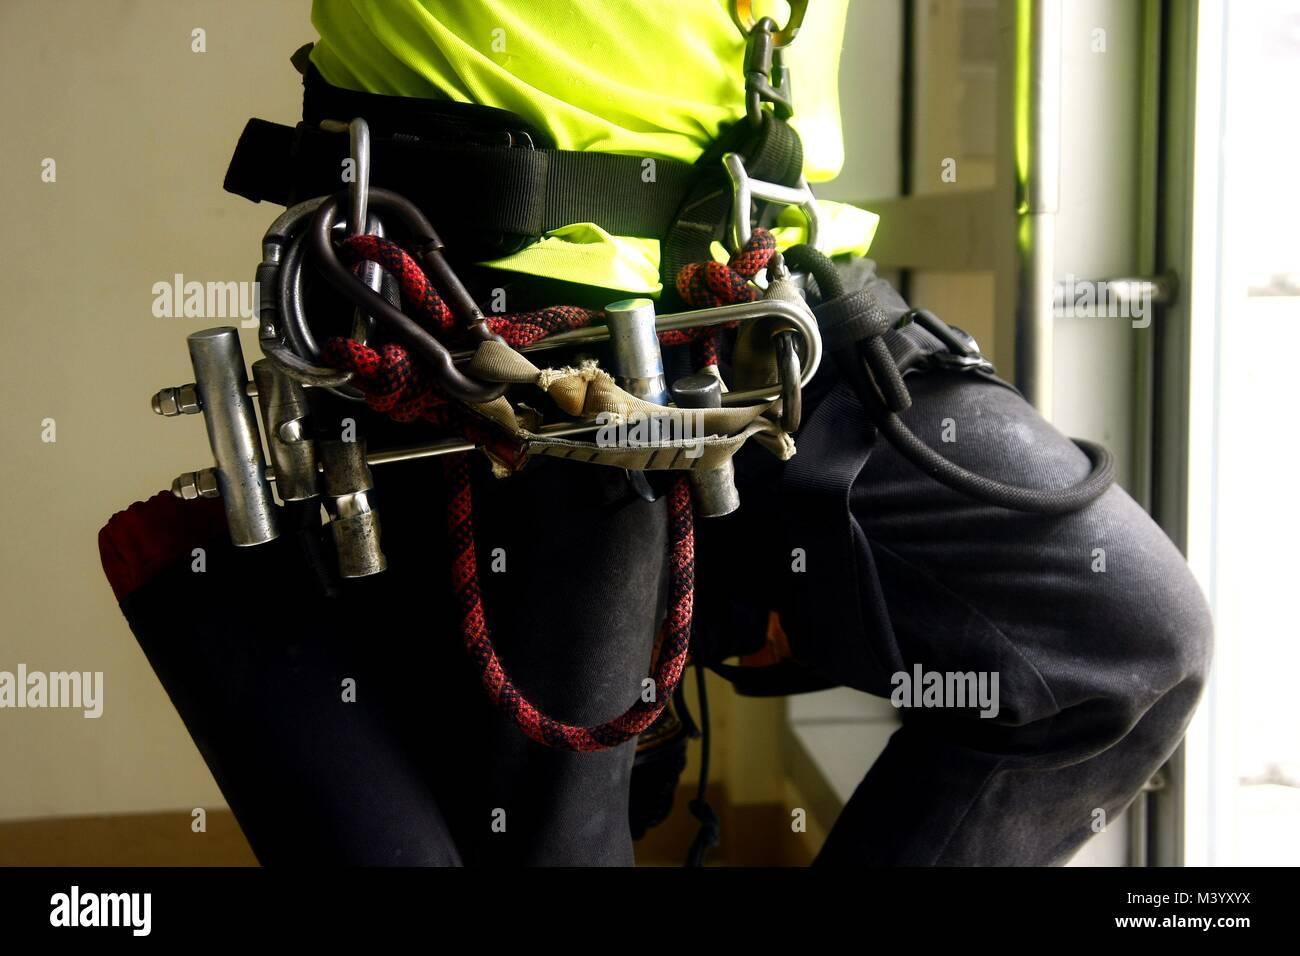 Foto di un ingranaggio di arrampicata attorno alla vita di un uomo Immagini Stock